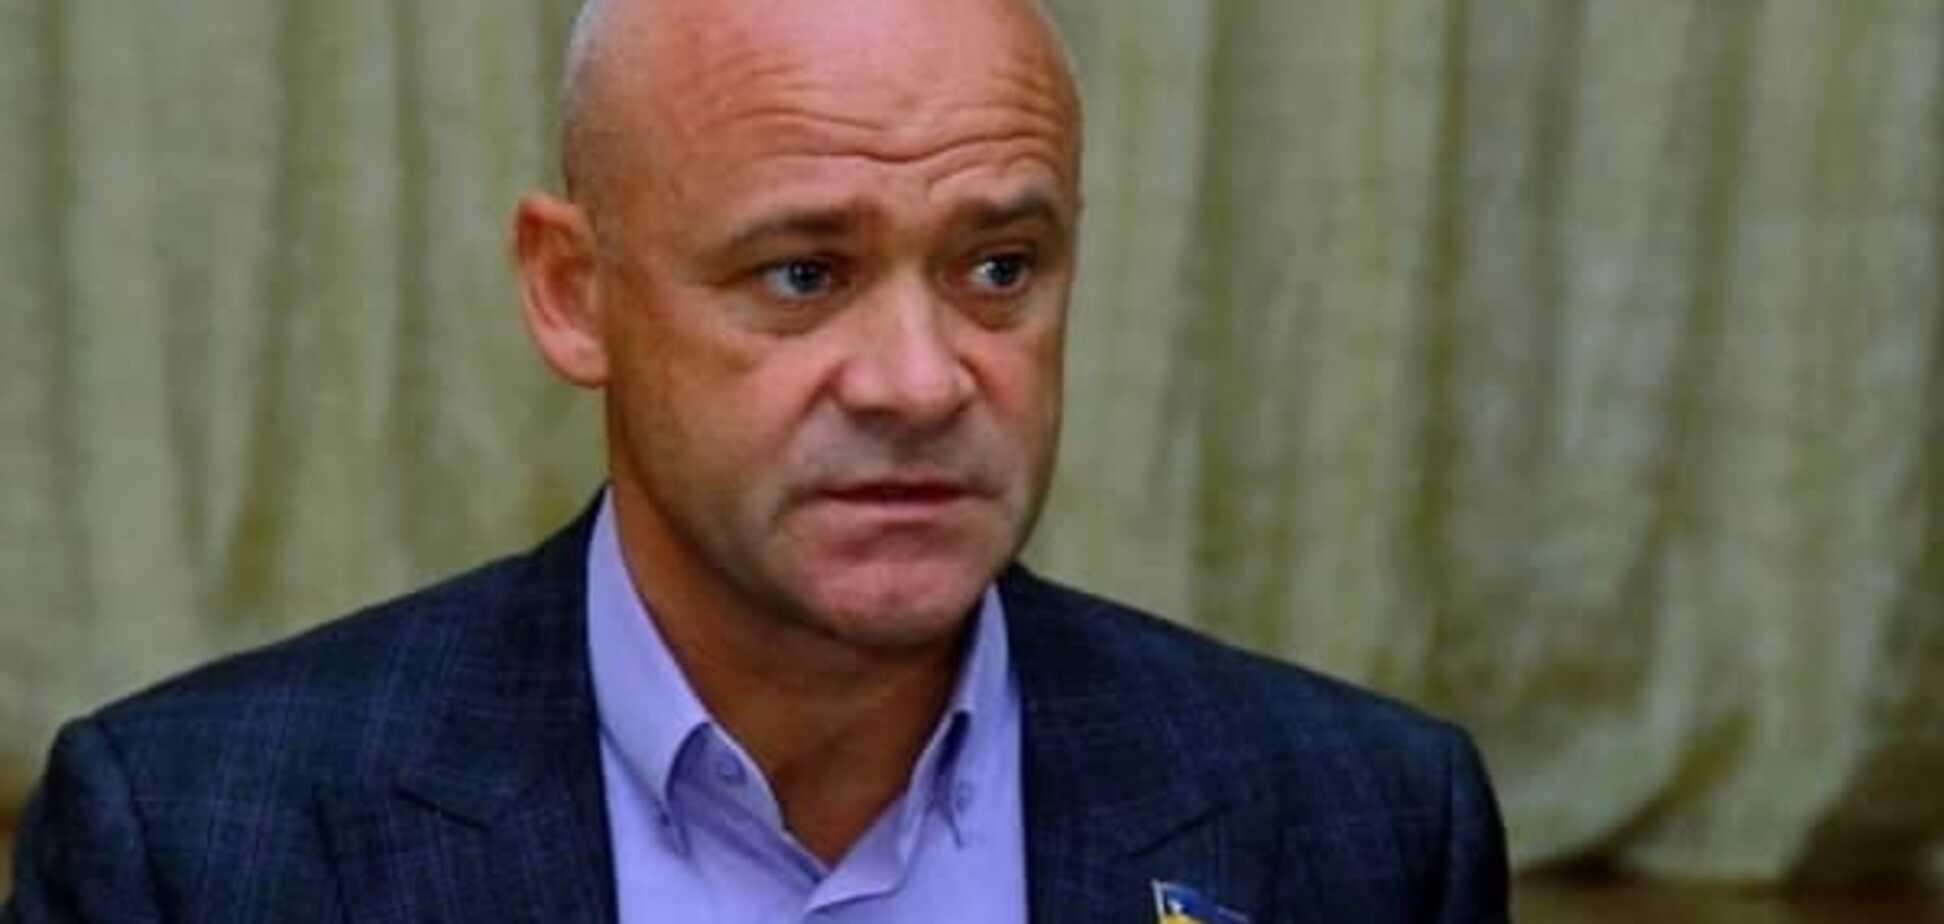 Мер Одеси Труханов має російське громадянство і володіє 20 офшорними компаніями - розслідування